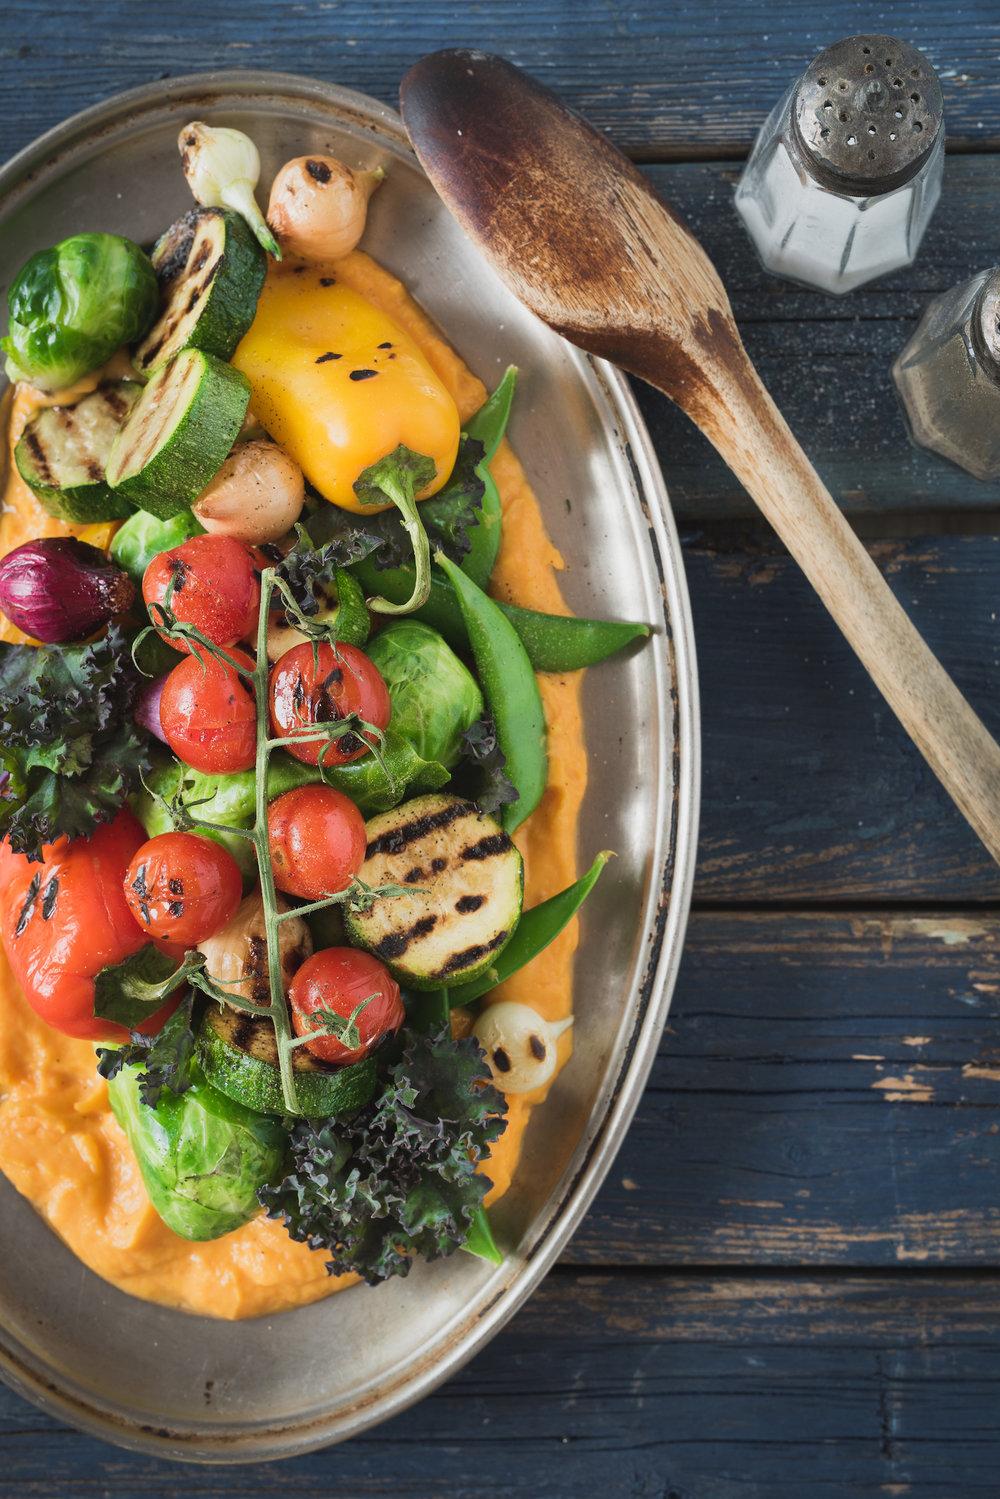 Sauté vitaminé à la patate douce Photographie tirée du livre  Ma table festive  Photographie culinaire : Catherine Côté Stylisme culinaire : Hubert Cormier